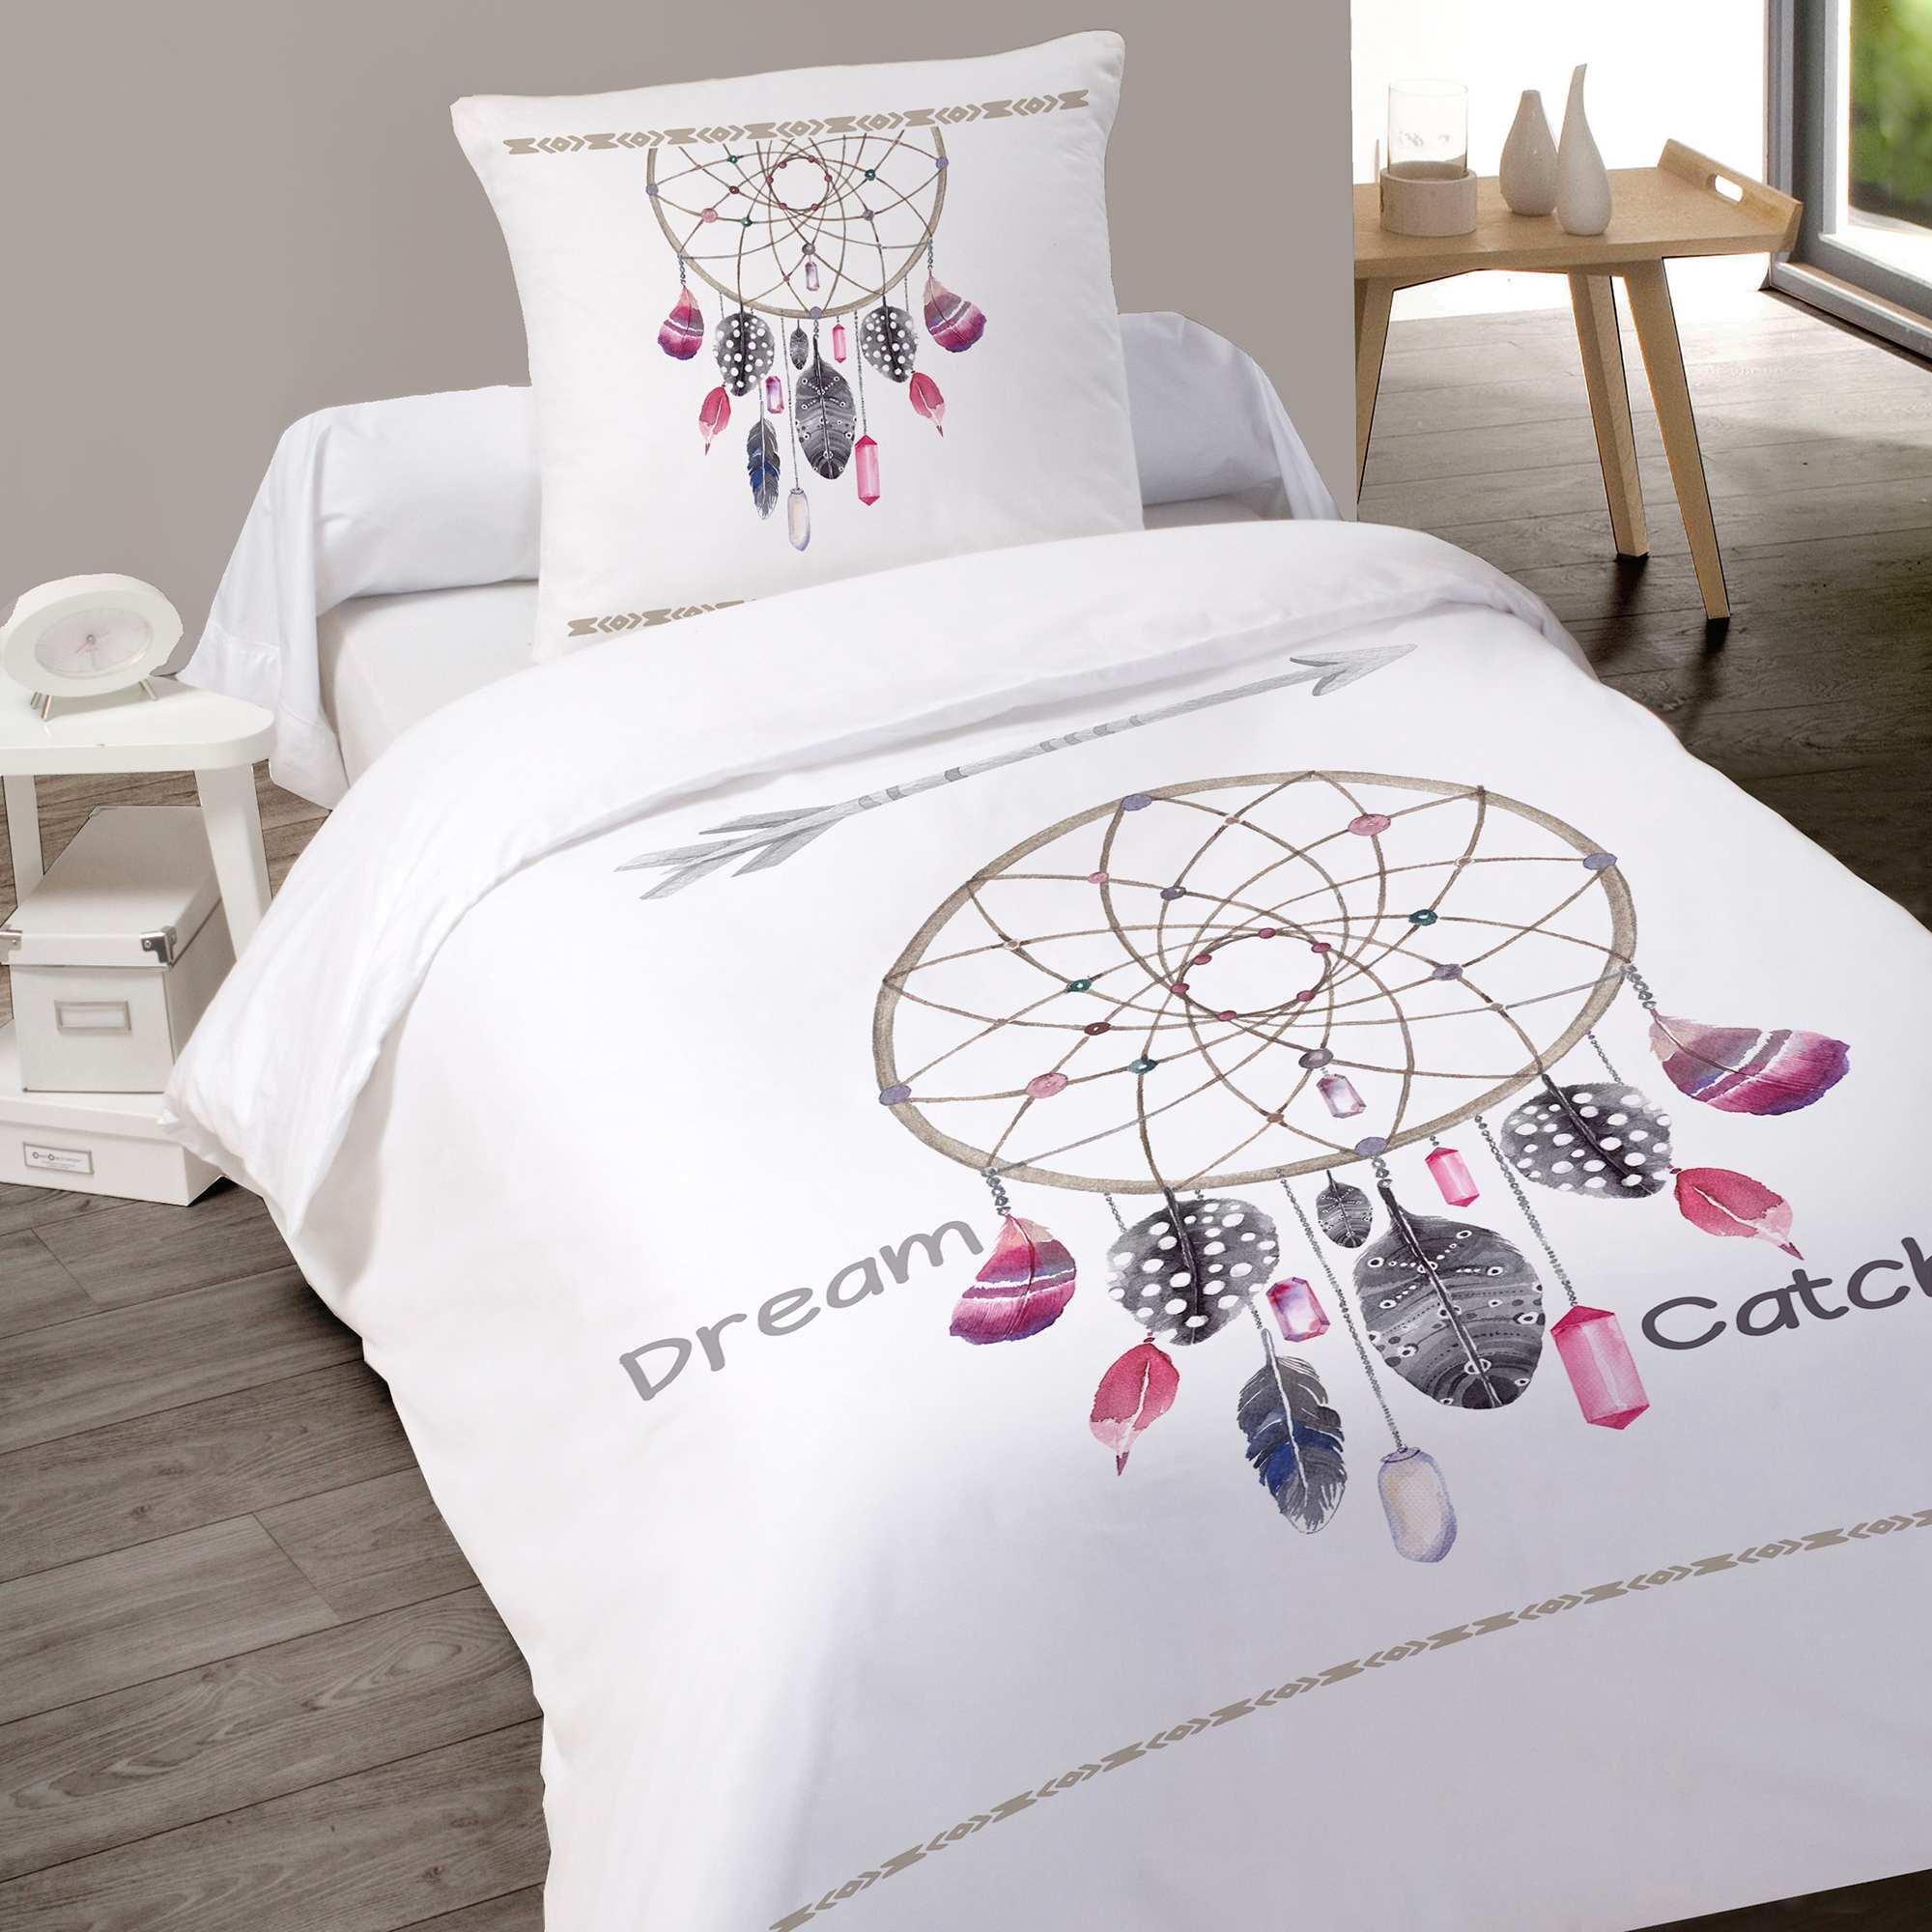 Parure letto singolo cotone Casa - bianco - Kiabi - 20,00€